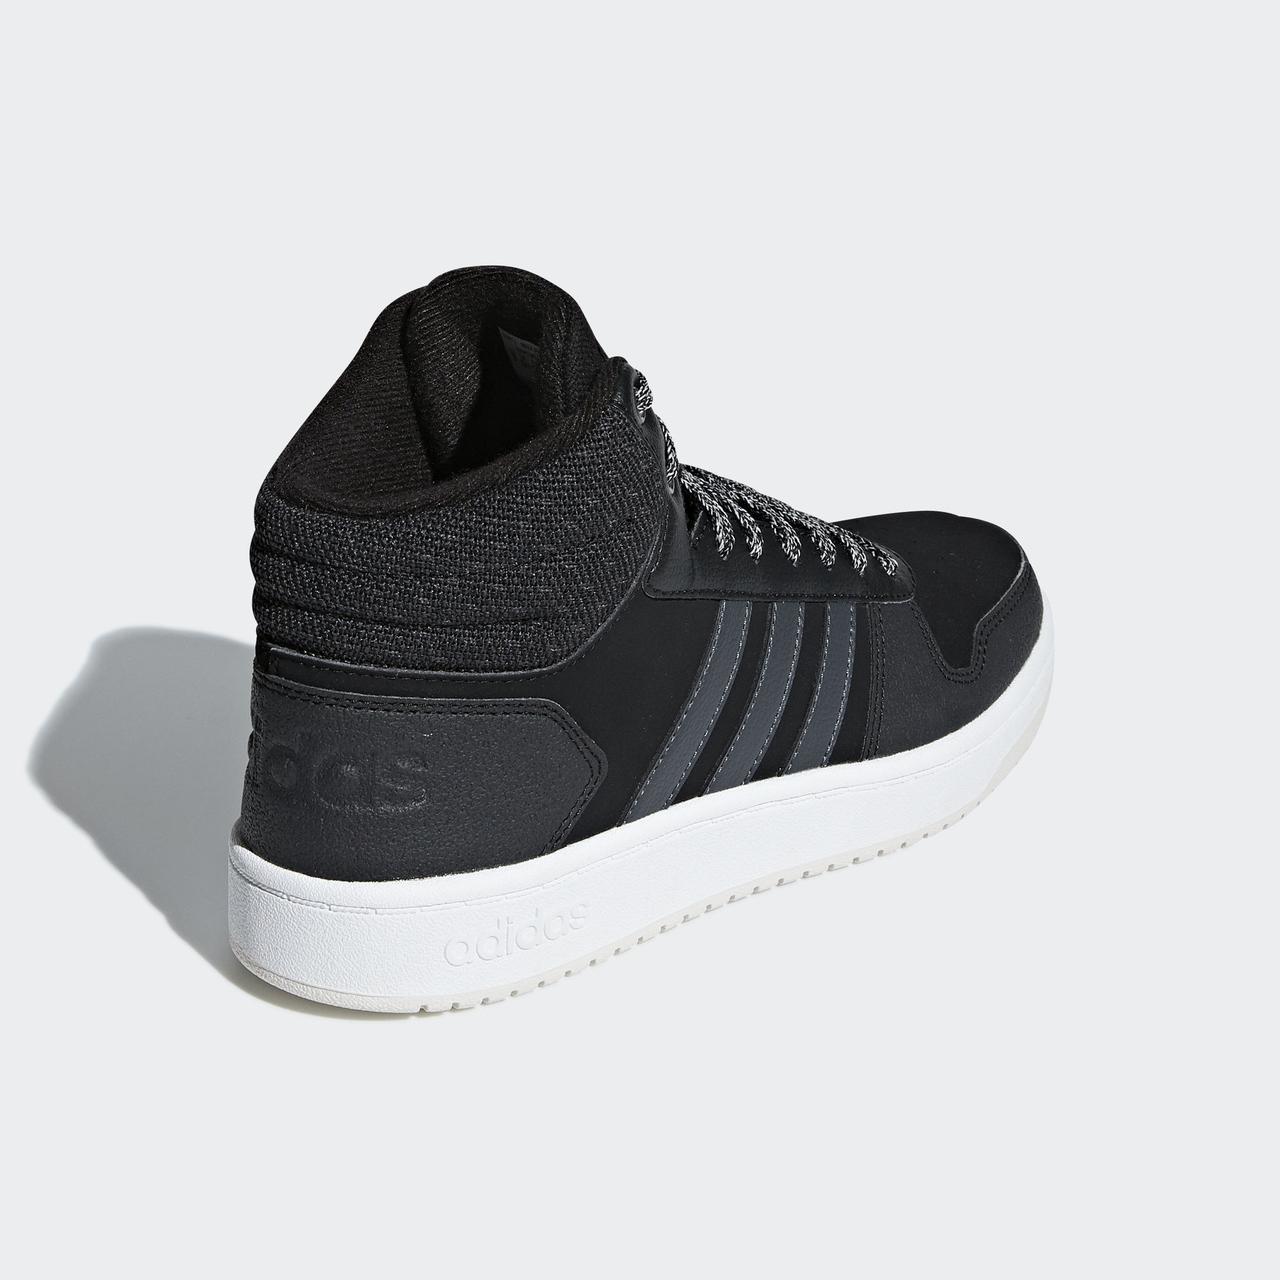 8be5b720 ... Высокие женские кроссовки Adidas Hoops 2.0 Mid B42110 - 2018/2, ...